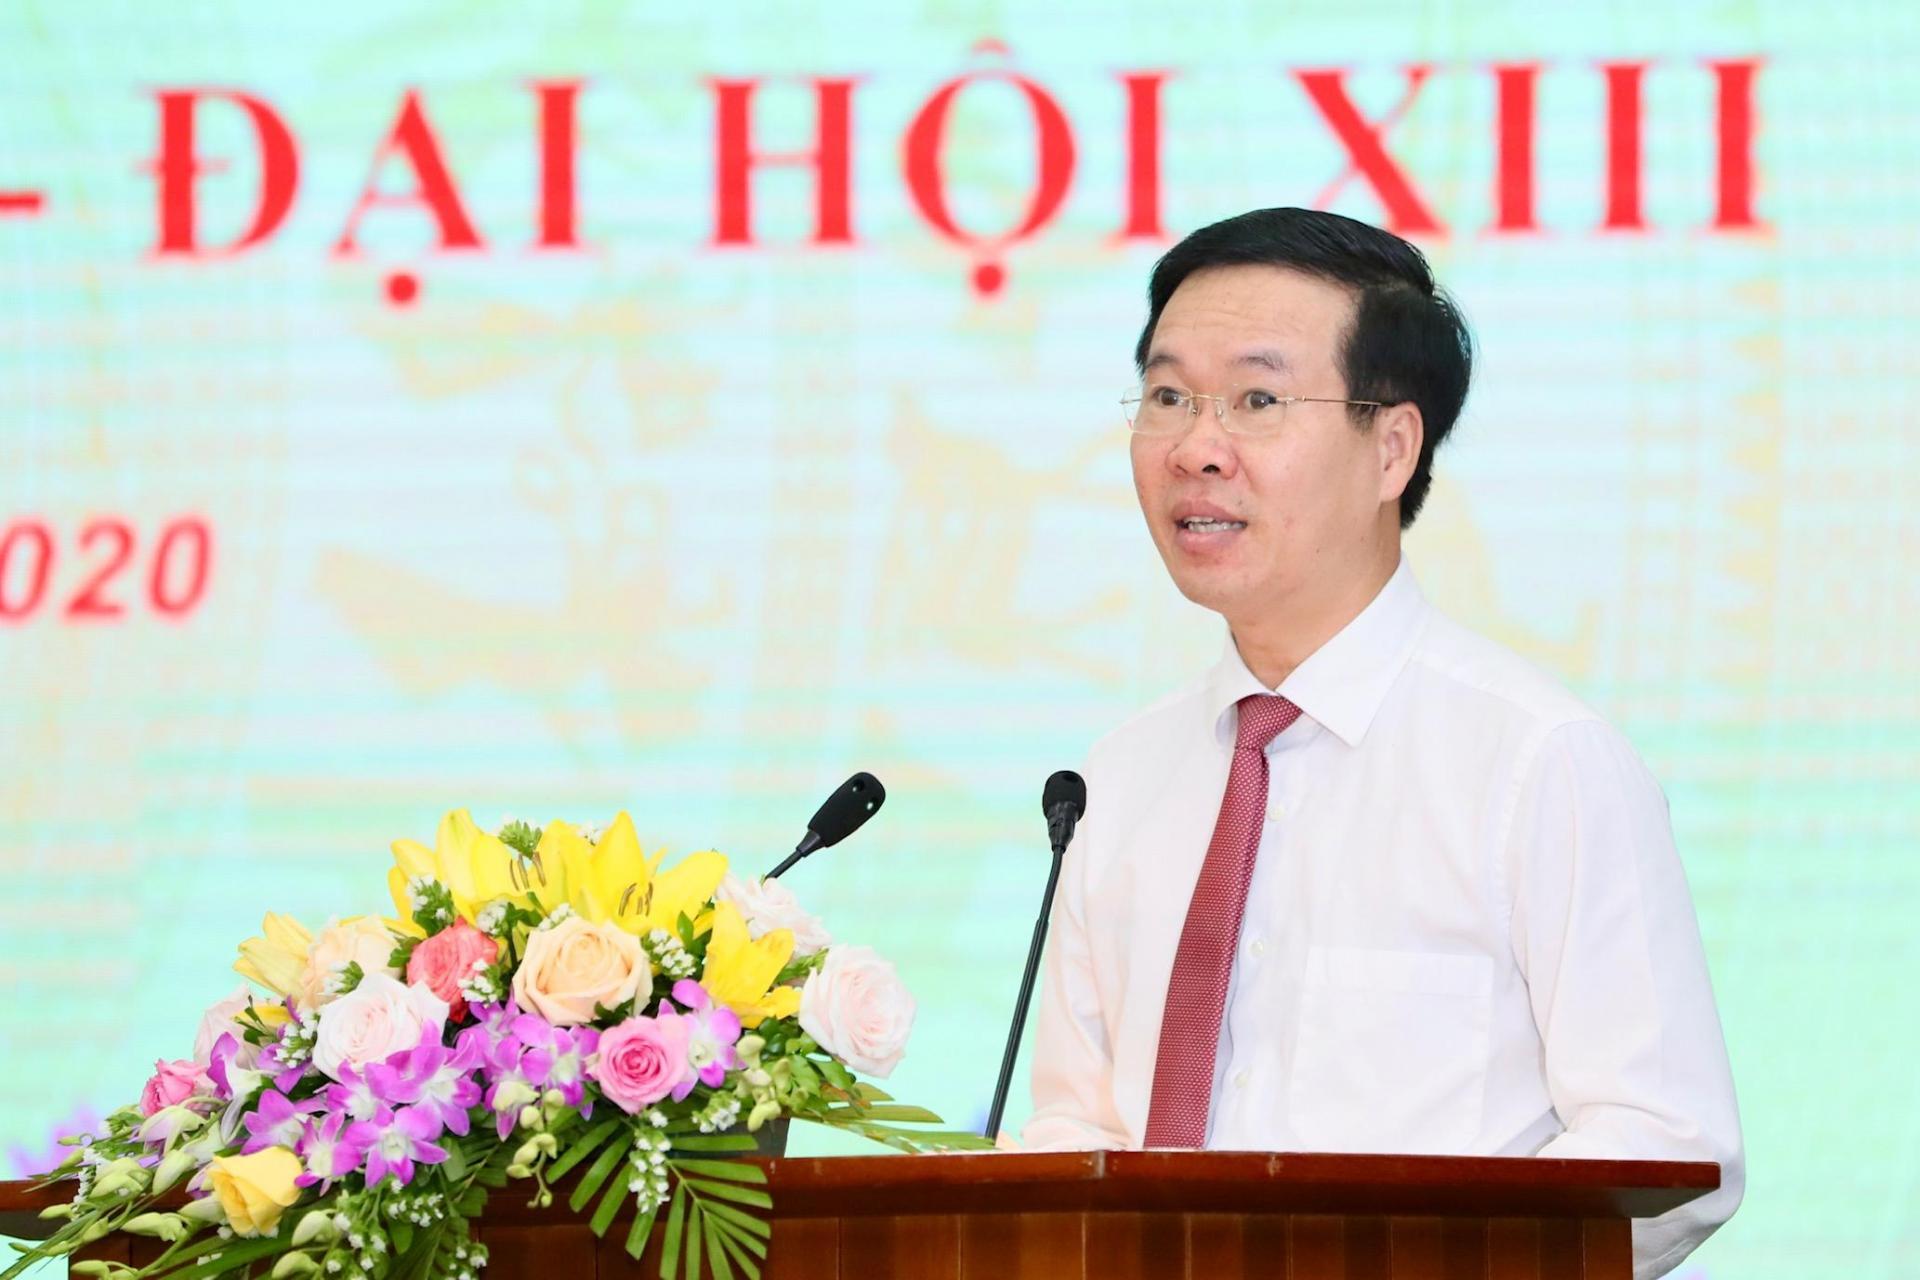 Trưởng Ban Tuyên giáo Trung ương Võ Văn Thưởng phát biểu tại buổi lễ.